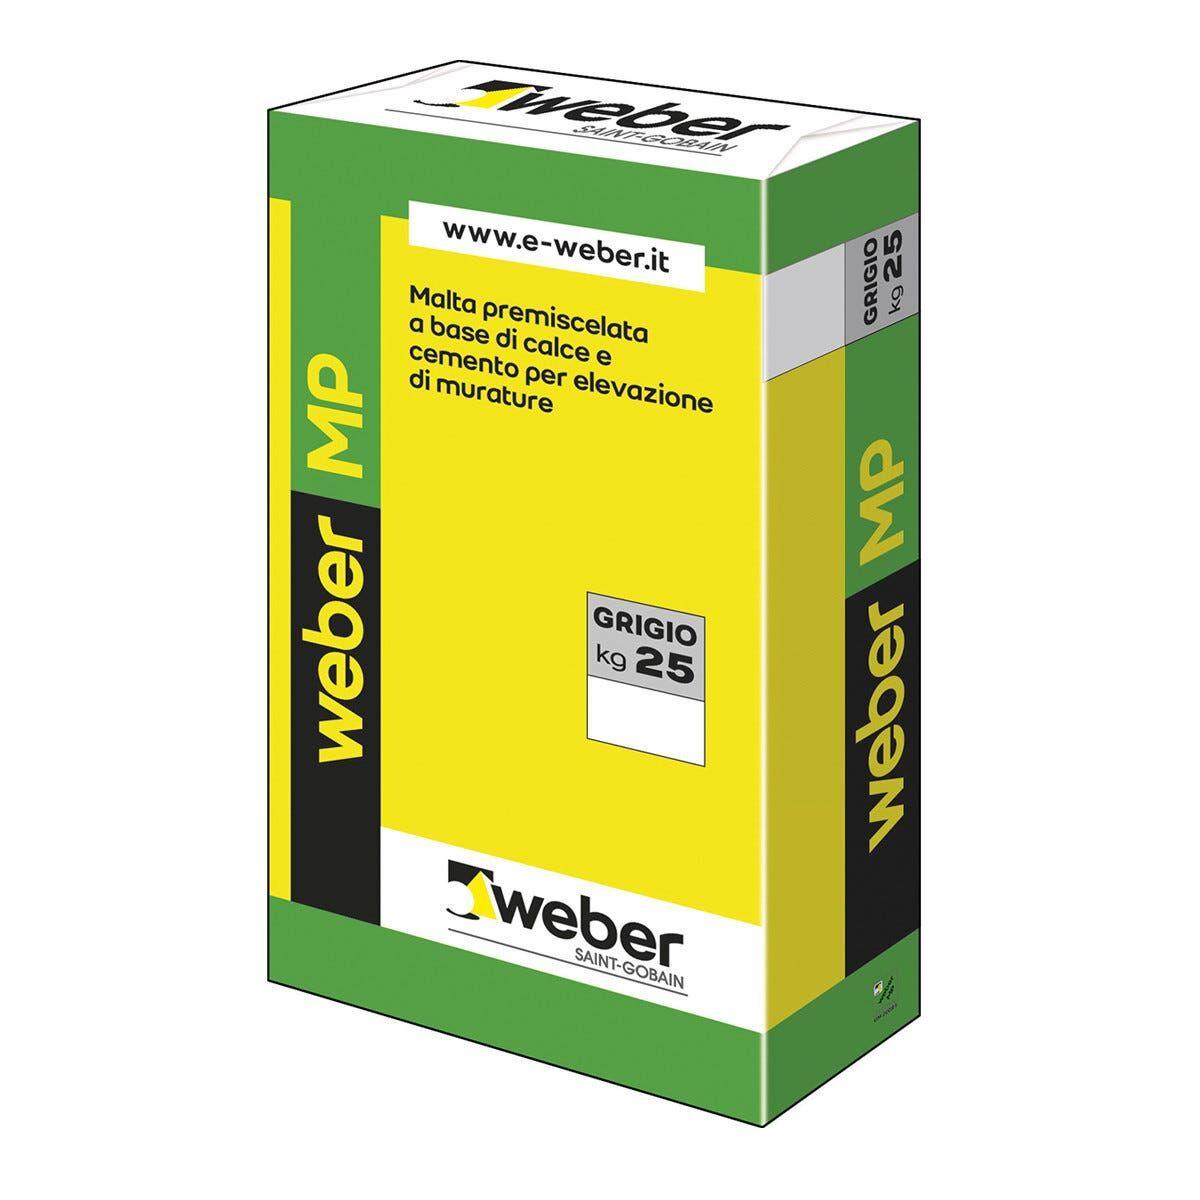 weber malta da allettamento weber mp910f 25 kg a base di calce e cemento granulometria < 1,5